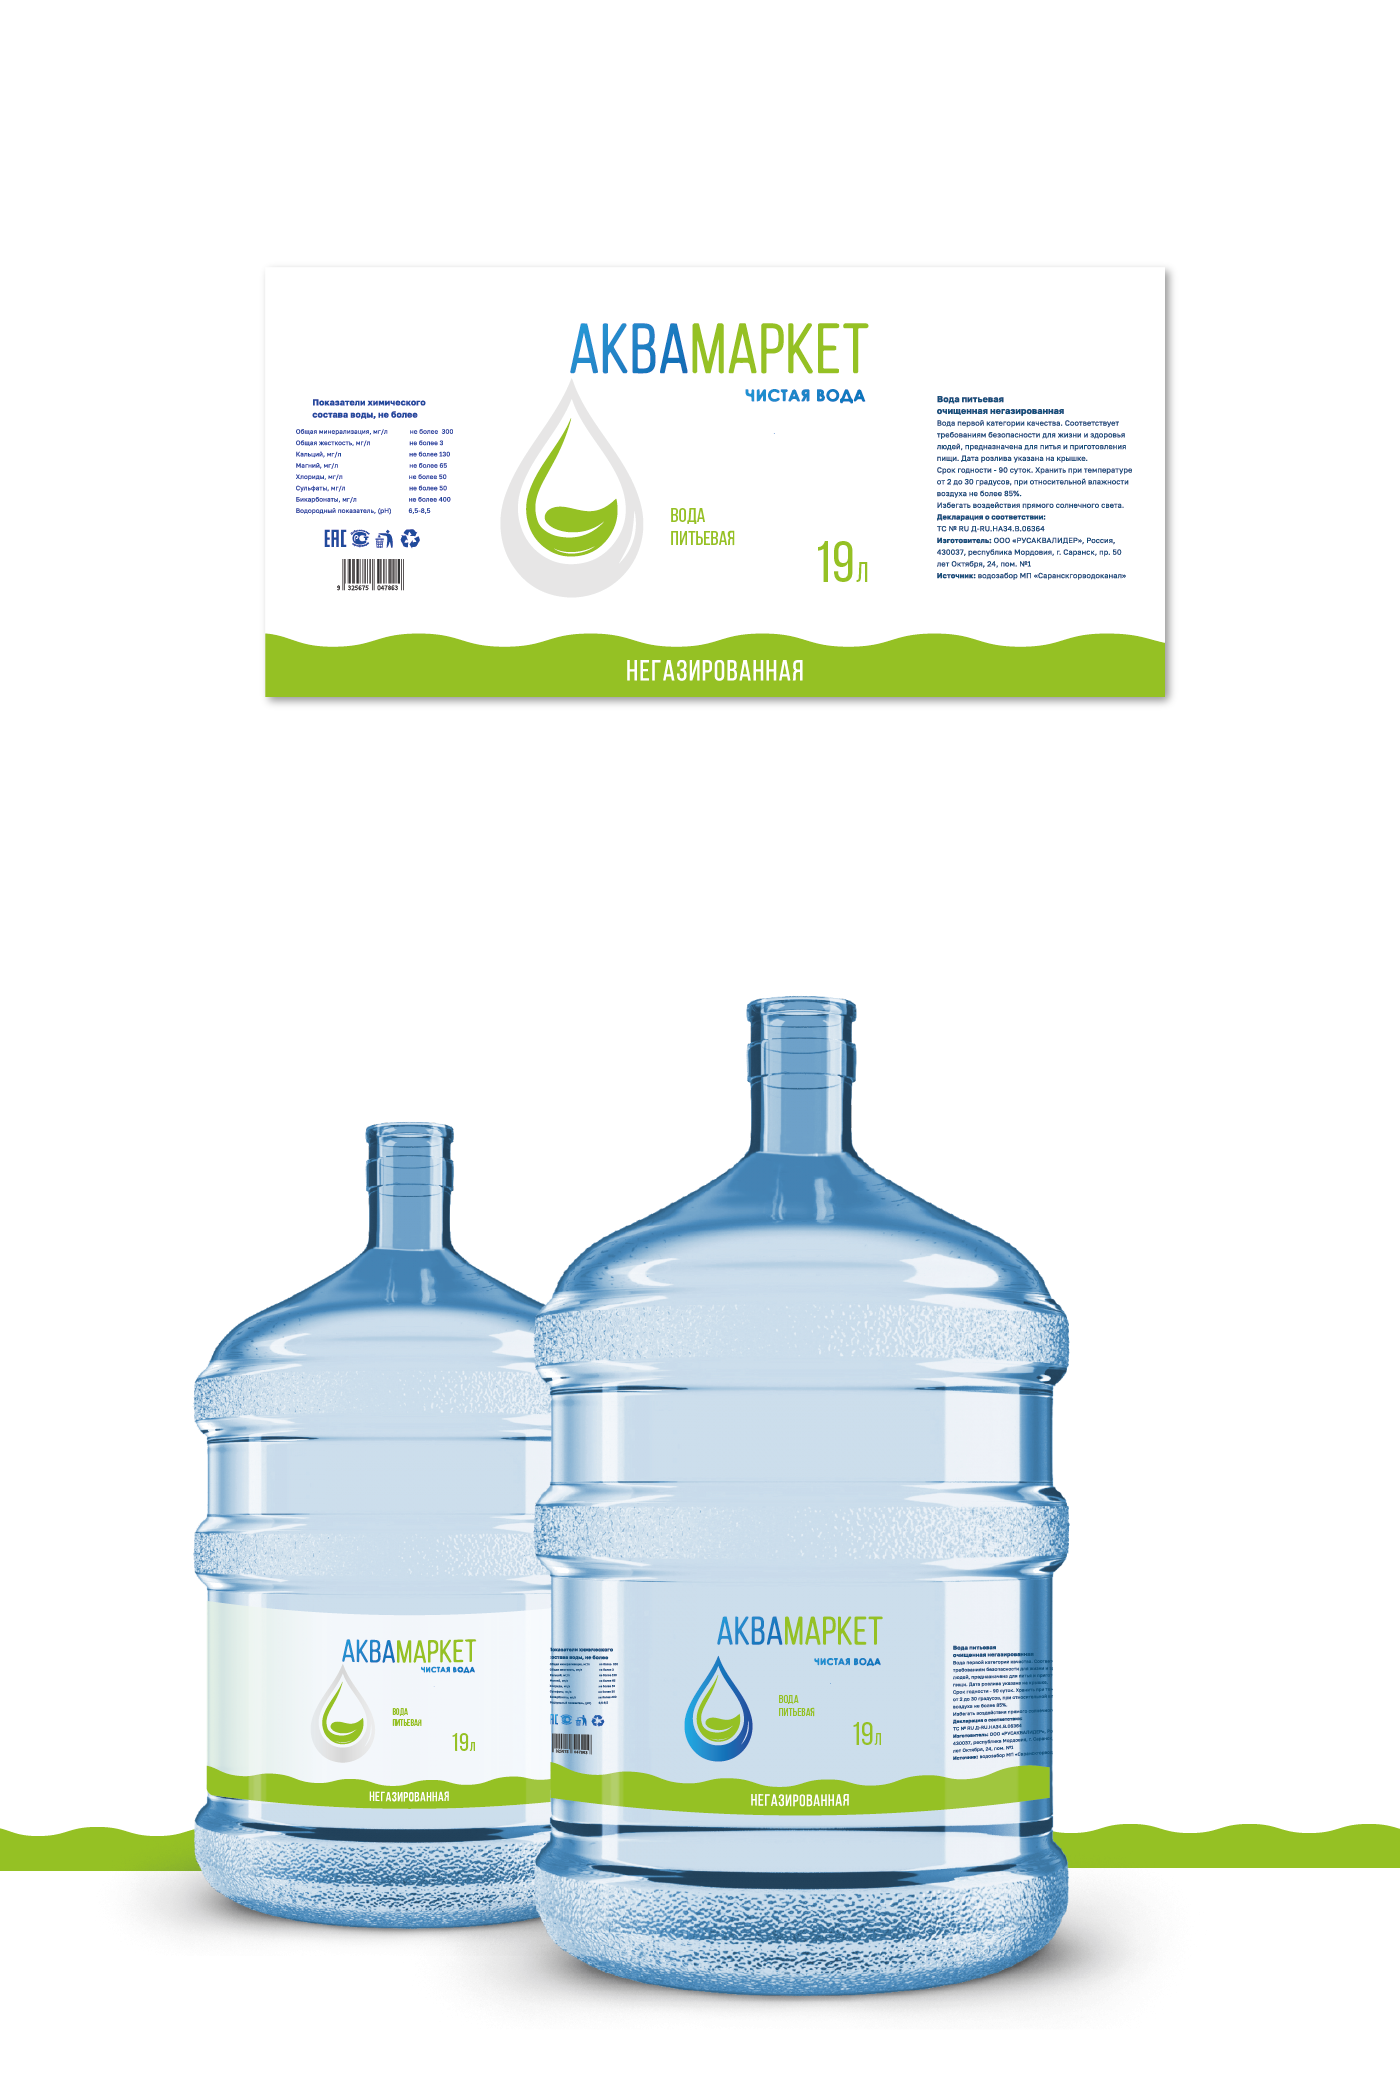 Разработка этикетки для питьевой воды в 19 литровых бутылях фото f_3595f022b7ca187c.png